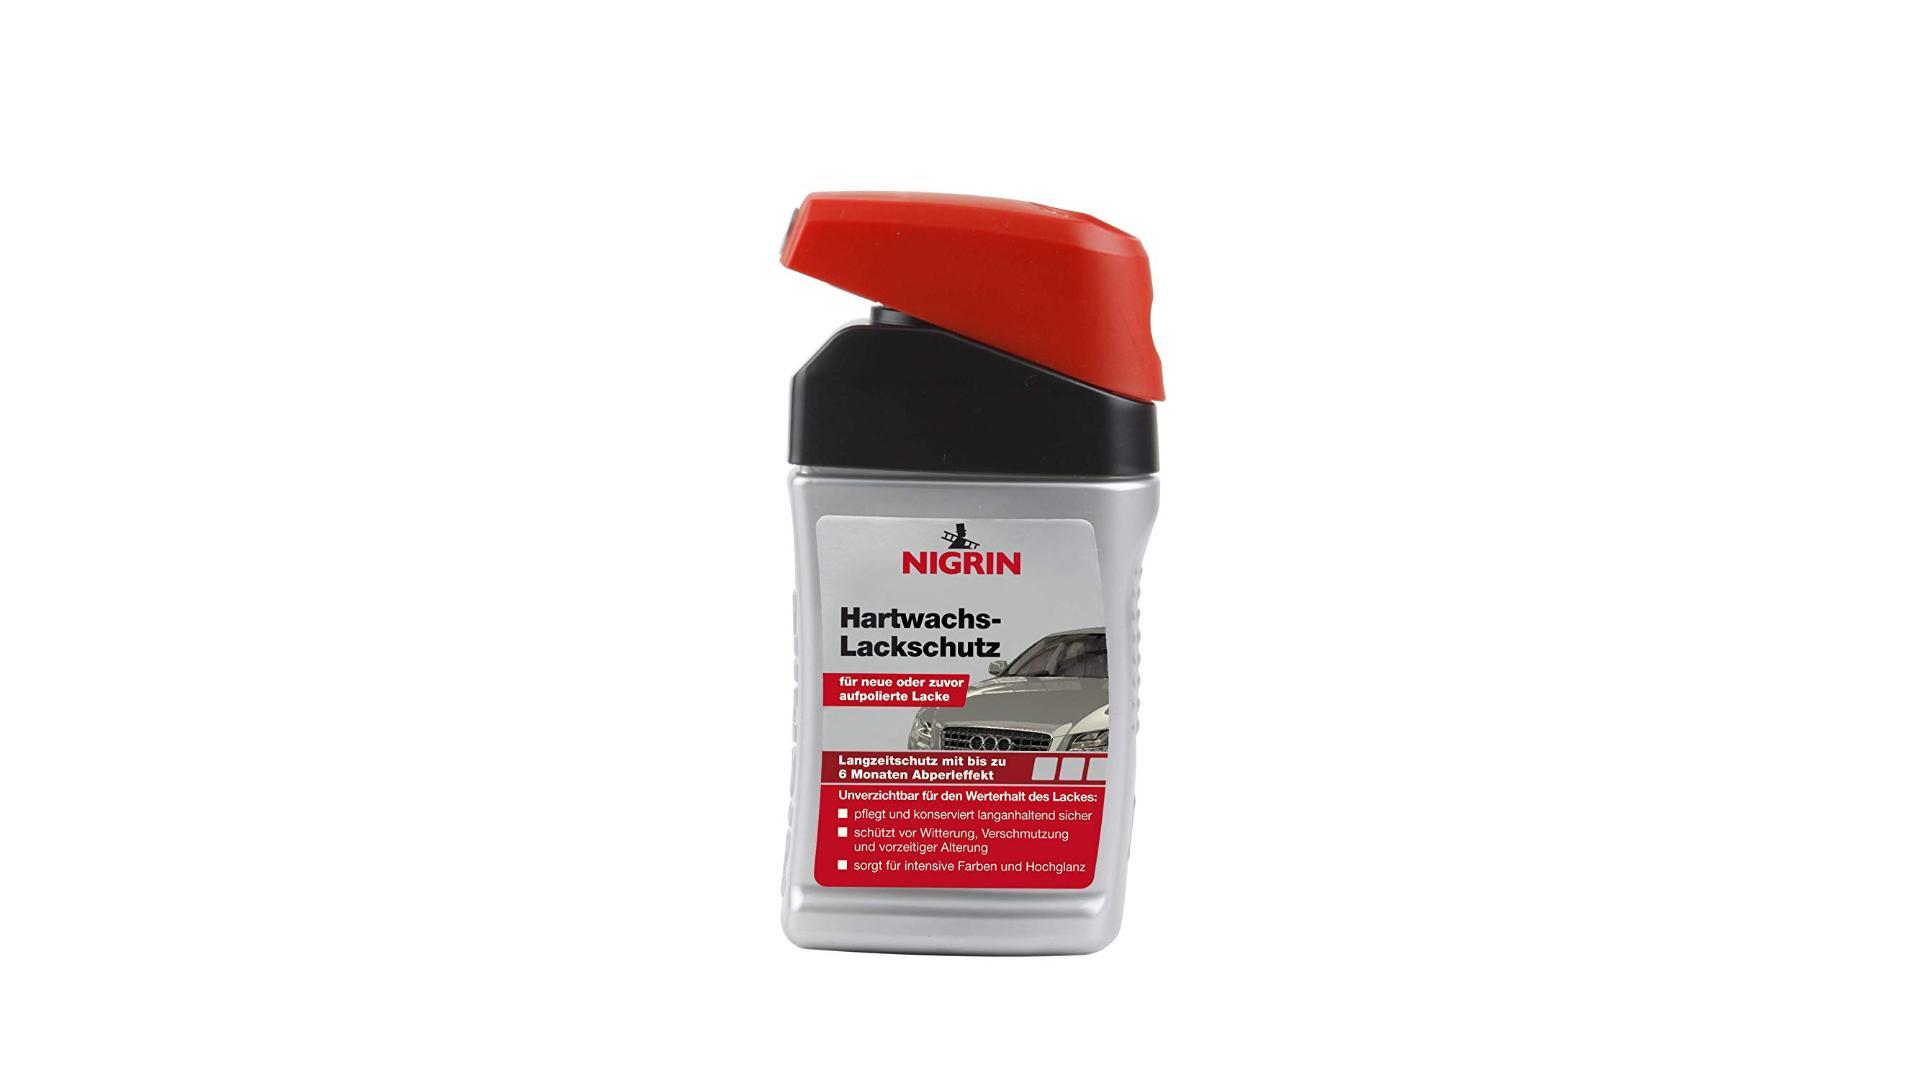 Nigrin Tvrdý vosk na ochranu laku 300ml